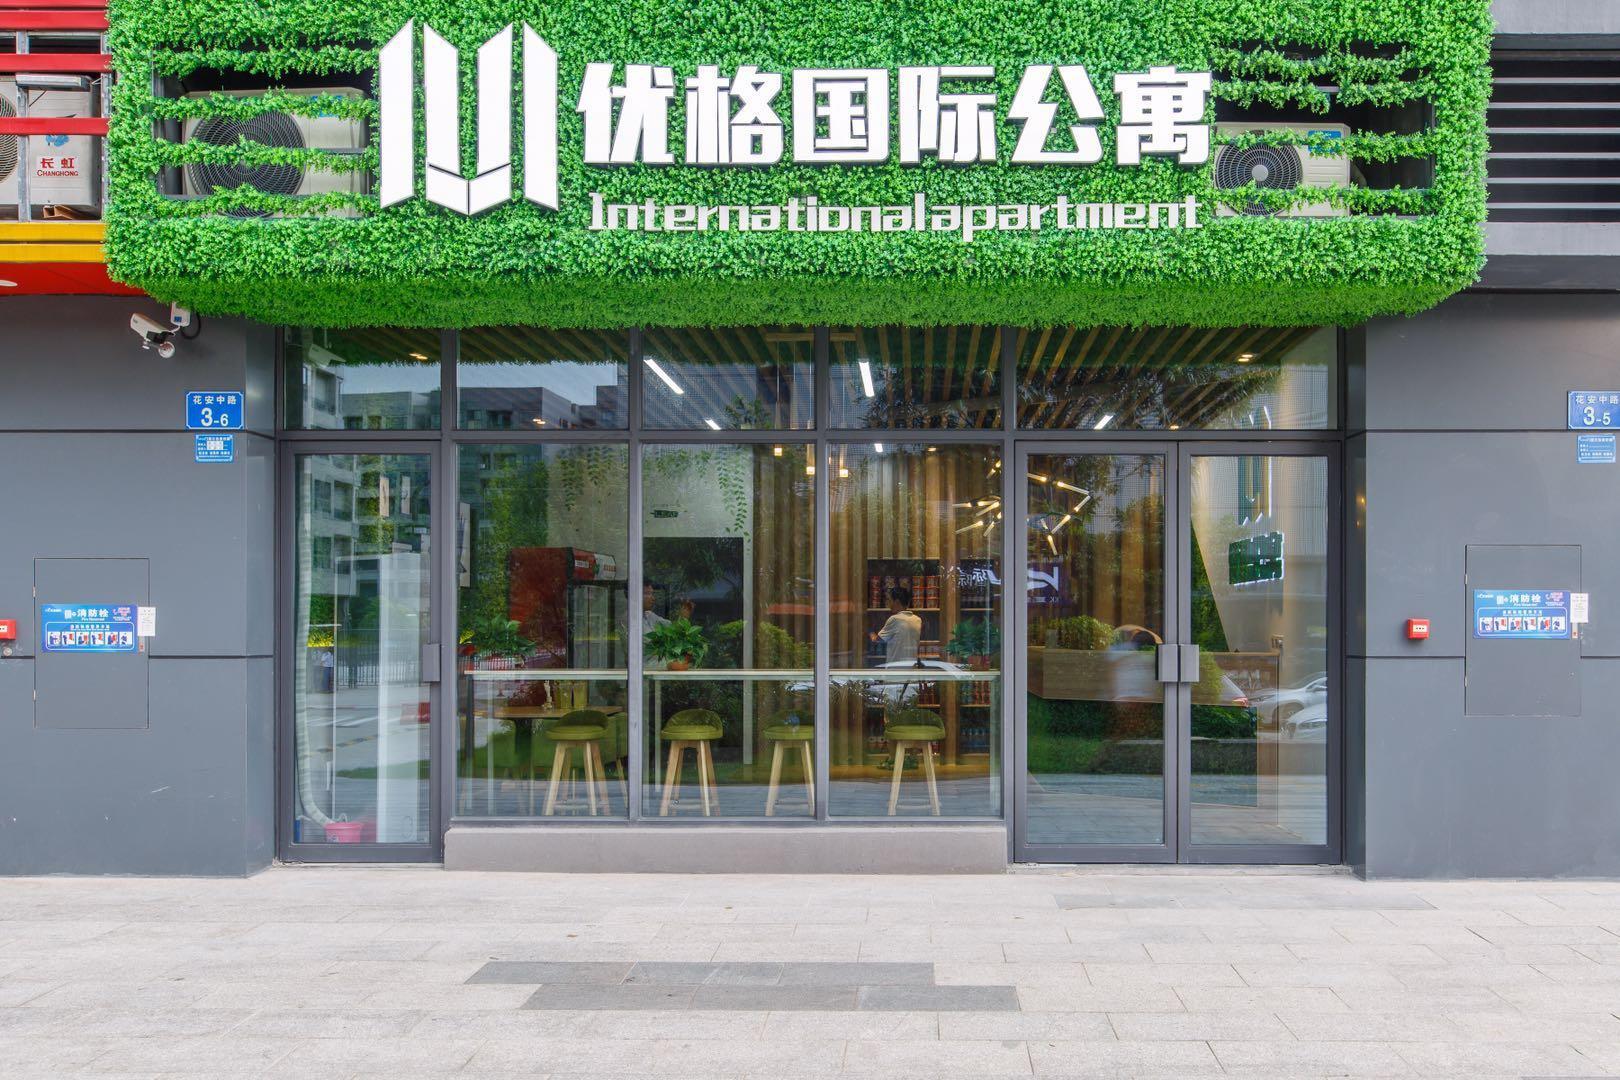 Guangzhou Yogg International Apartment